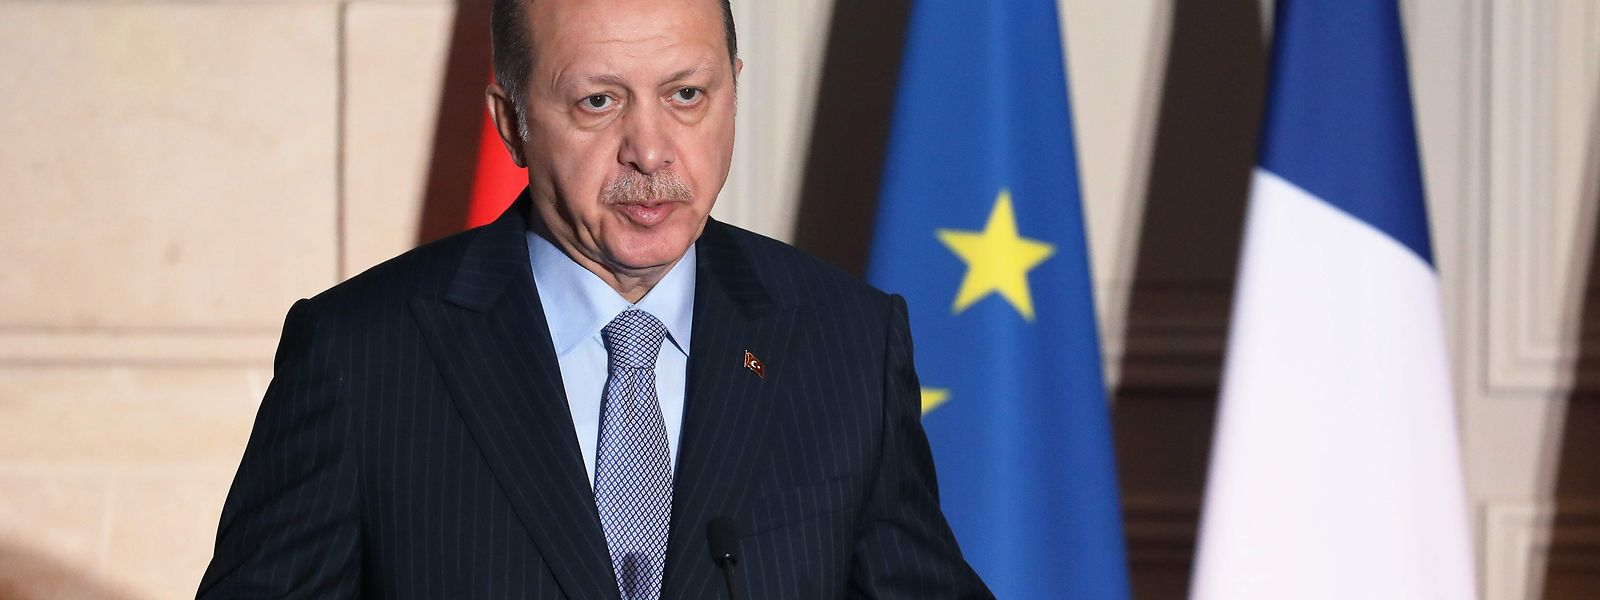 Recep Tayyip Erdogan kann während des Ausnahmezustands per Dekret quasi alleine regieren.